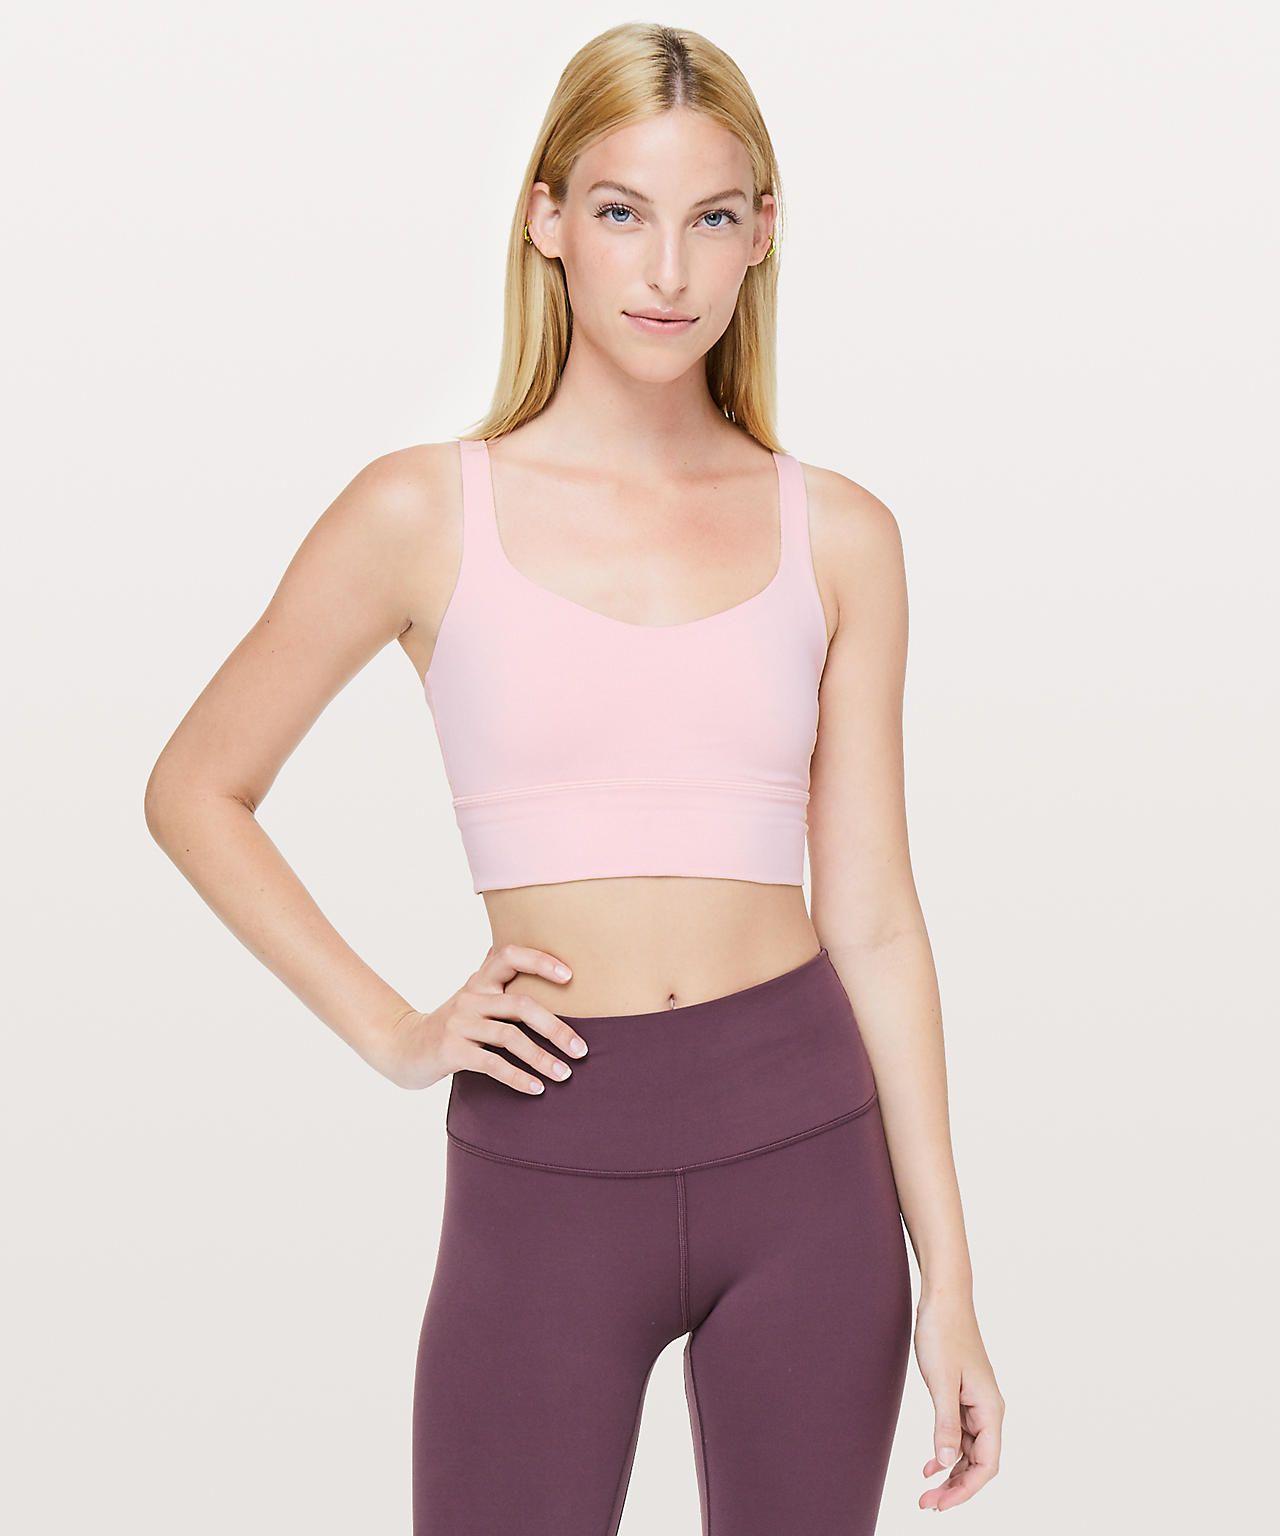 Dusty Pink Sports bra, Women's sports bras, Bra